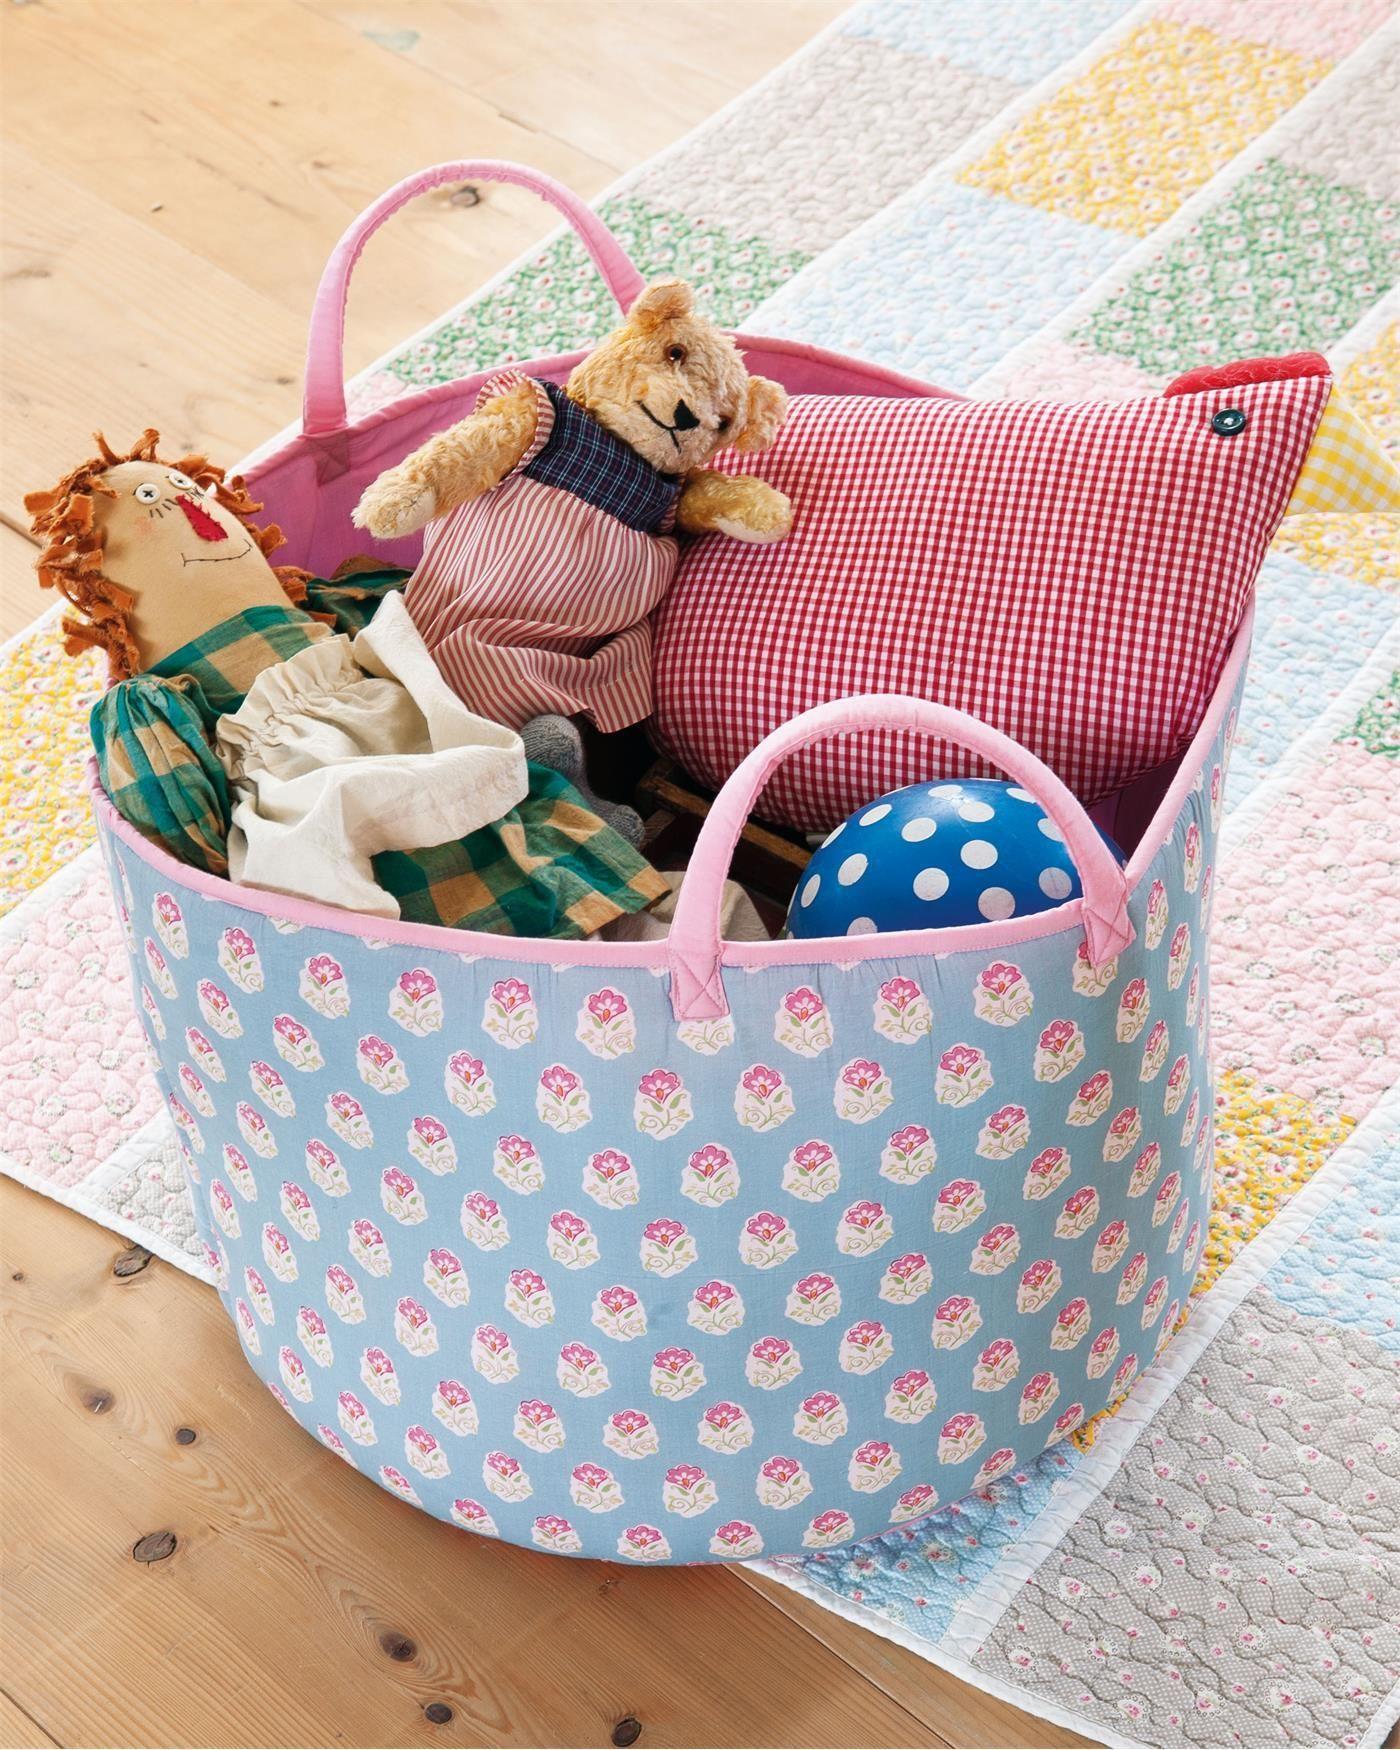 Vossberg De spielzeugtasche anabell finden sie bei vossberg de kinderzimmer